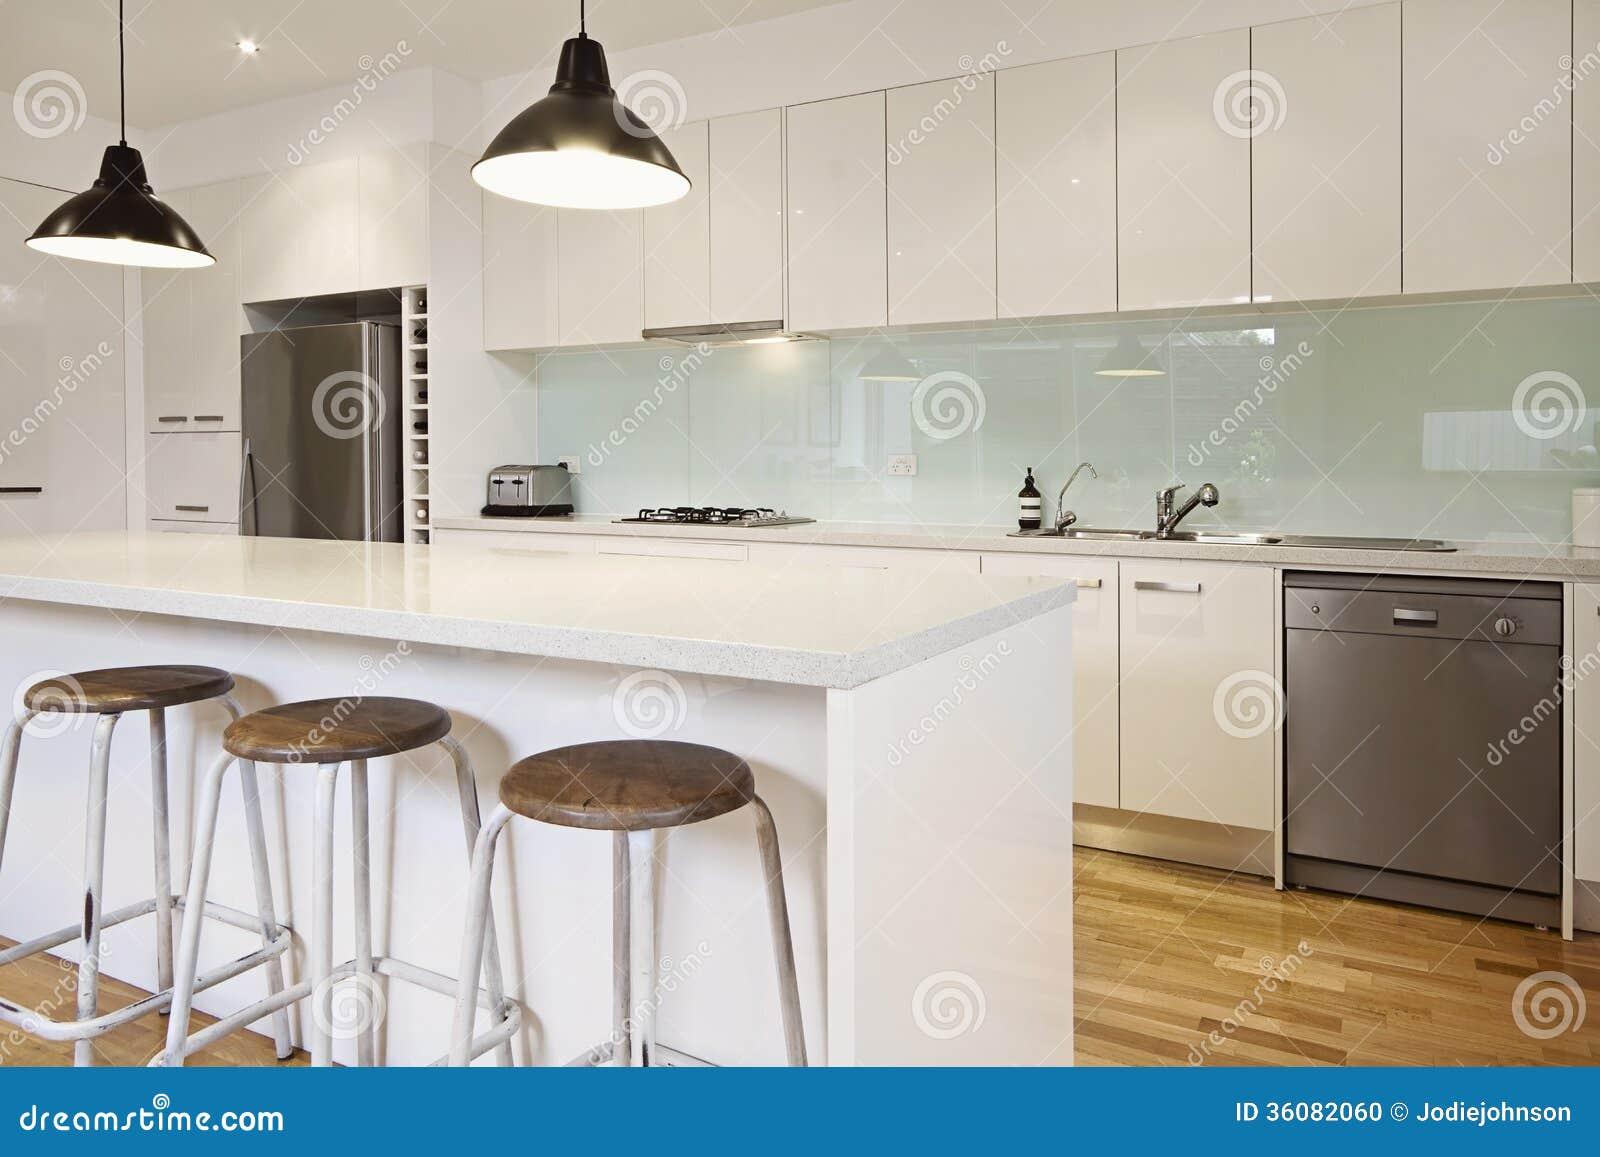 Weiße küche mit insel – sehremini